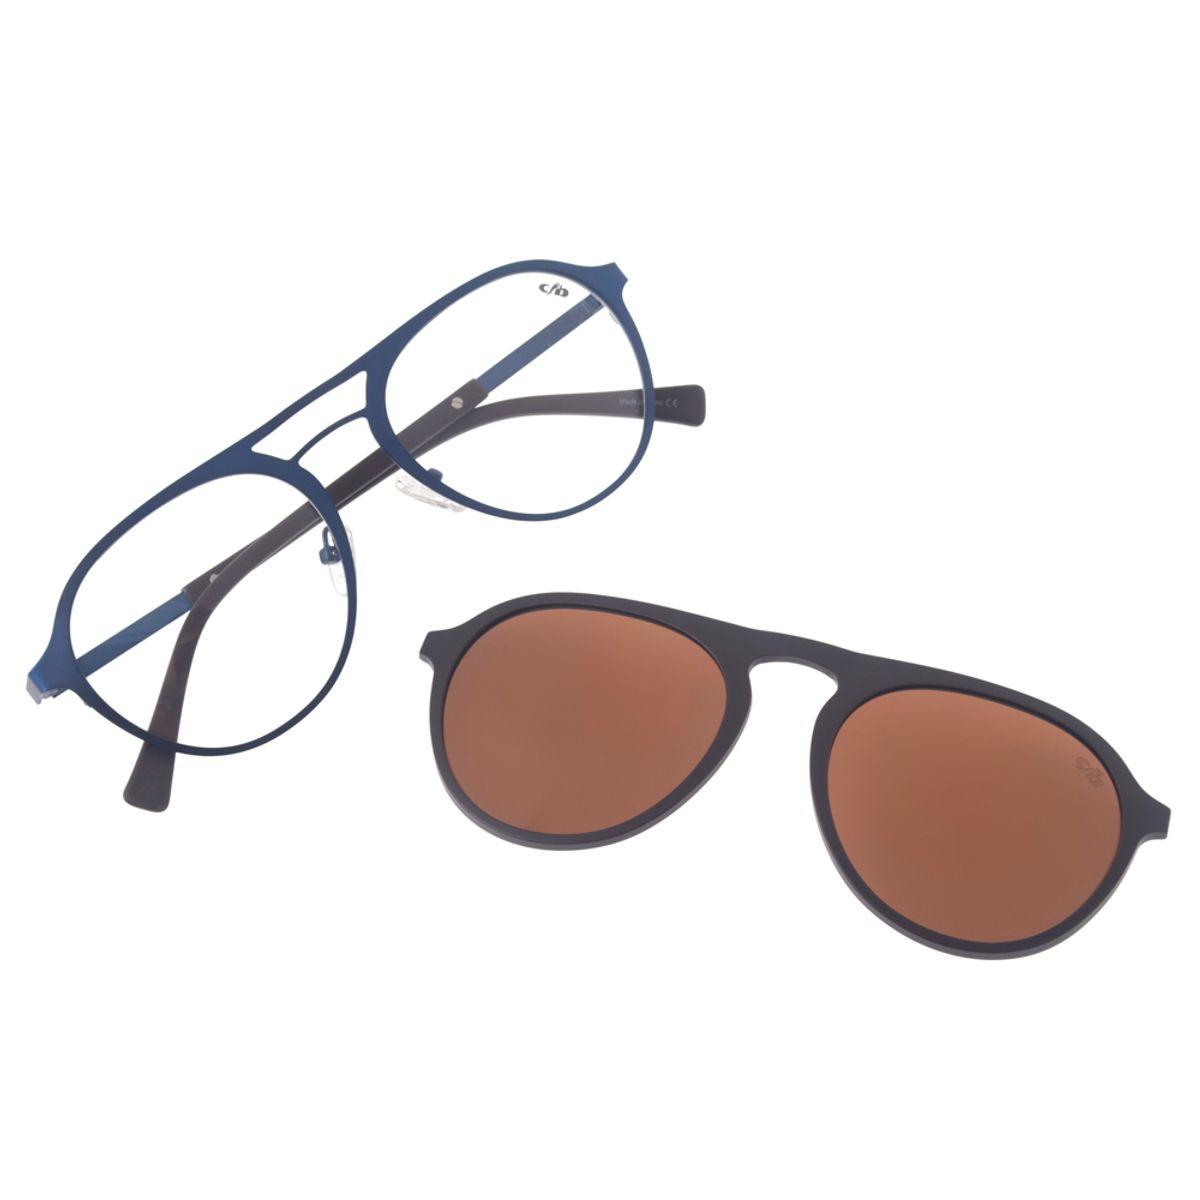 4b8902fed Armação para Óculos de Grau Redondo Chilli Beans Multi Unissex Polarizado  Azul 0153 - LV.MU.0153.0290 M. REF: LV.MU.0153.0290. Previous